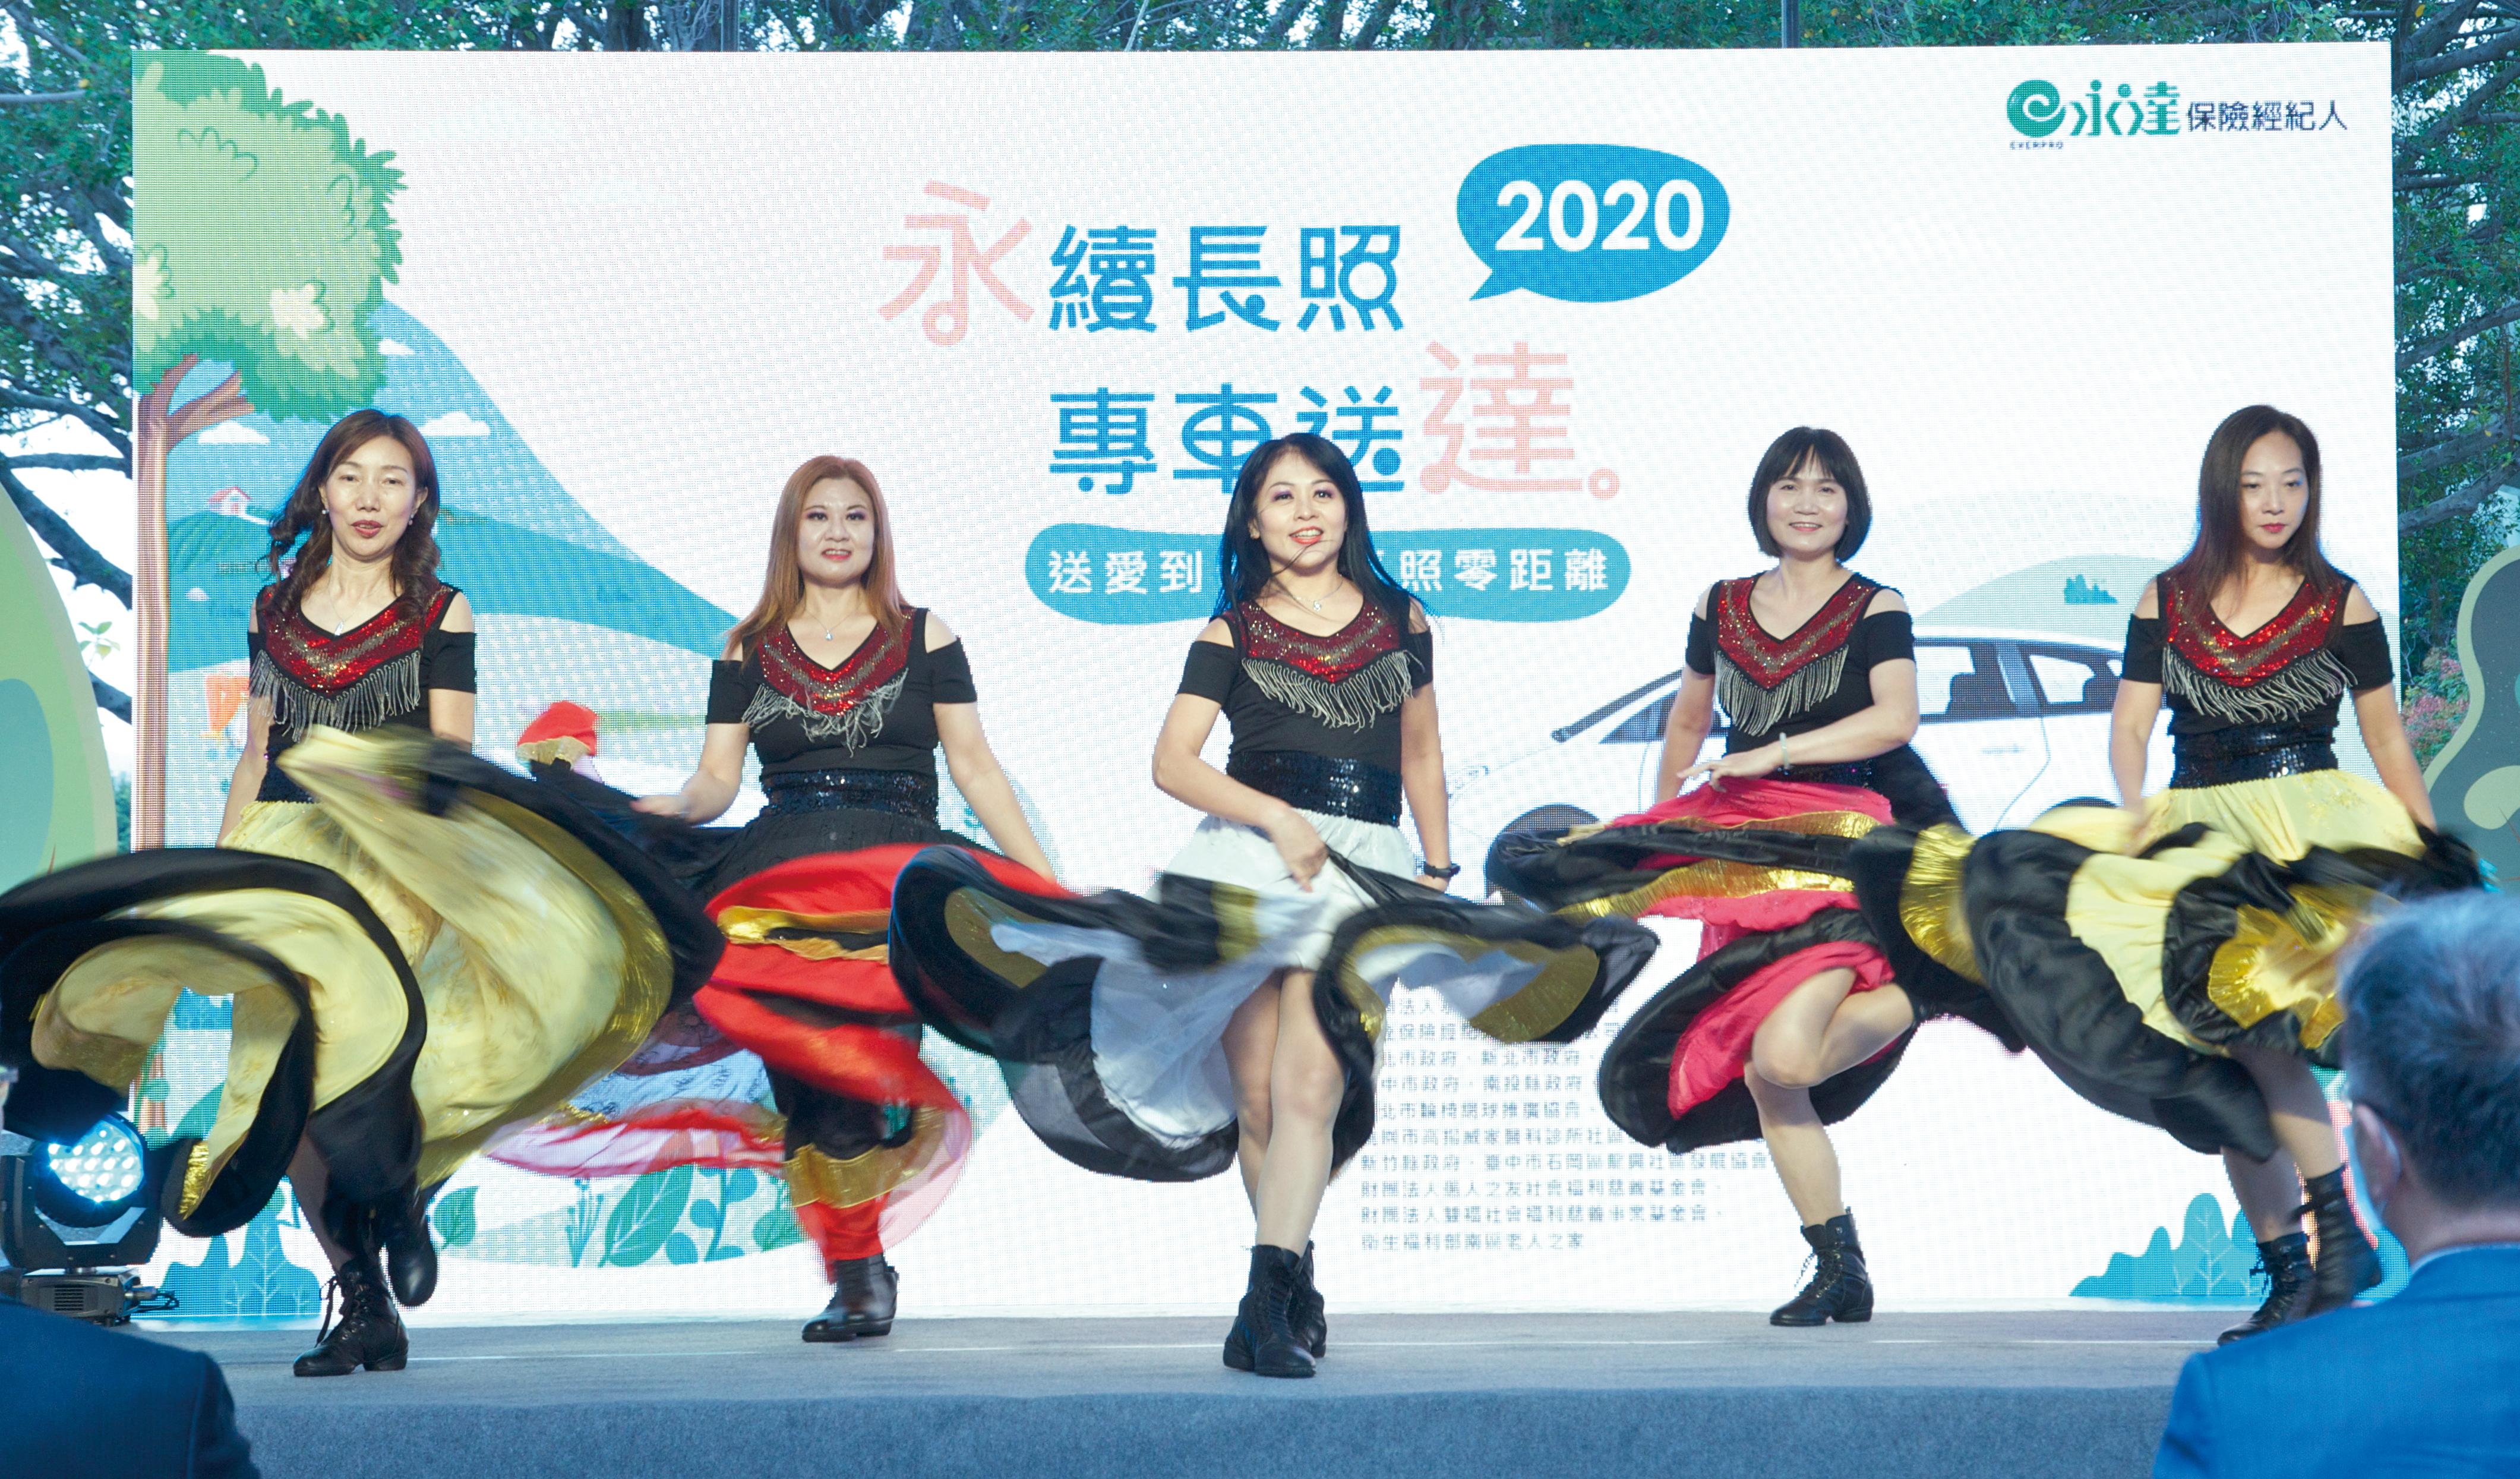 記者會現場邀請到2019年「仙角百老匯」大型舞台秀入選之表演團體「新北市林口舞蹈會」擔綱開場表演。